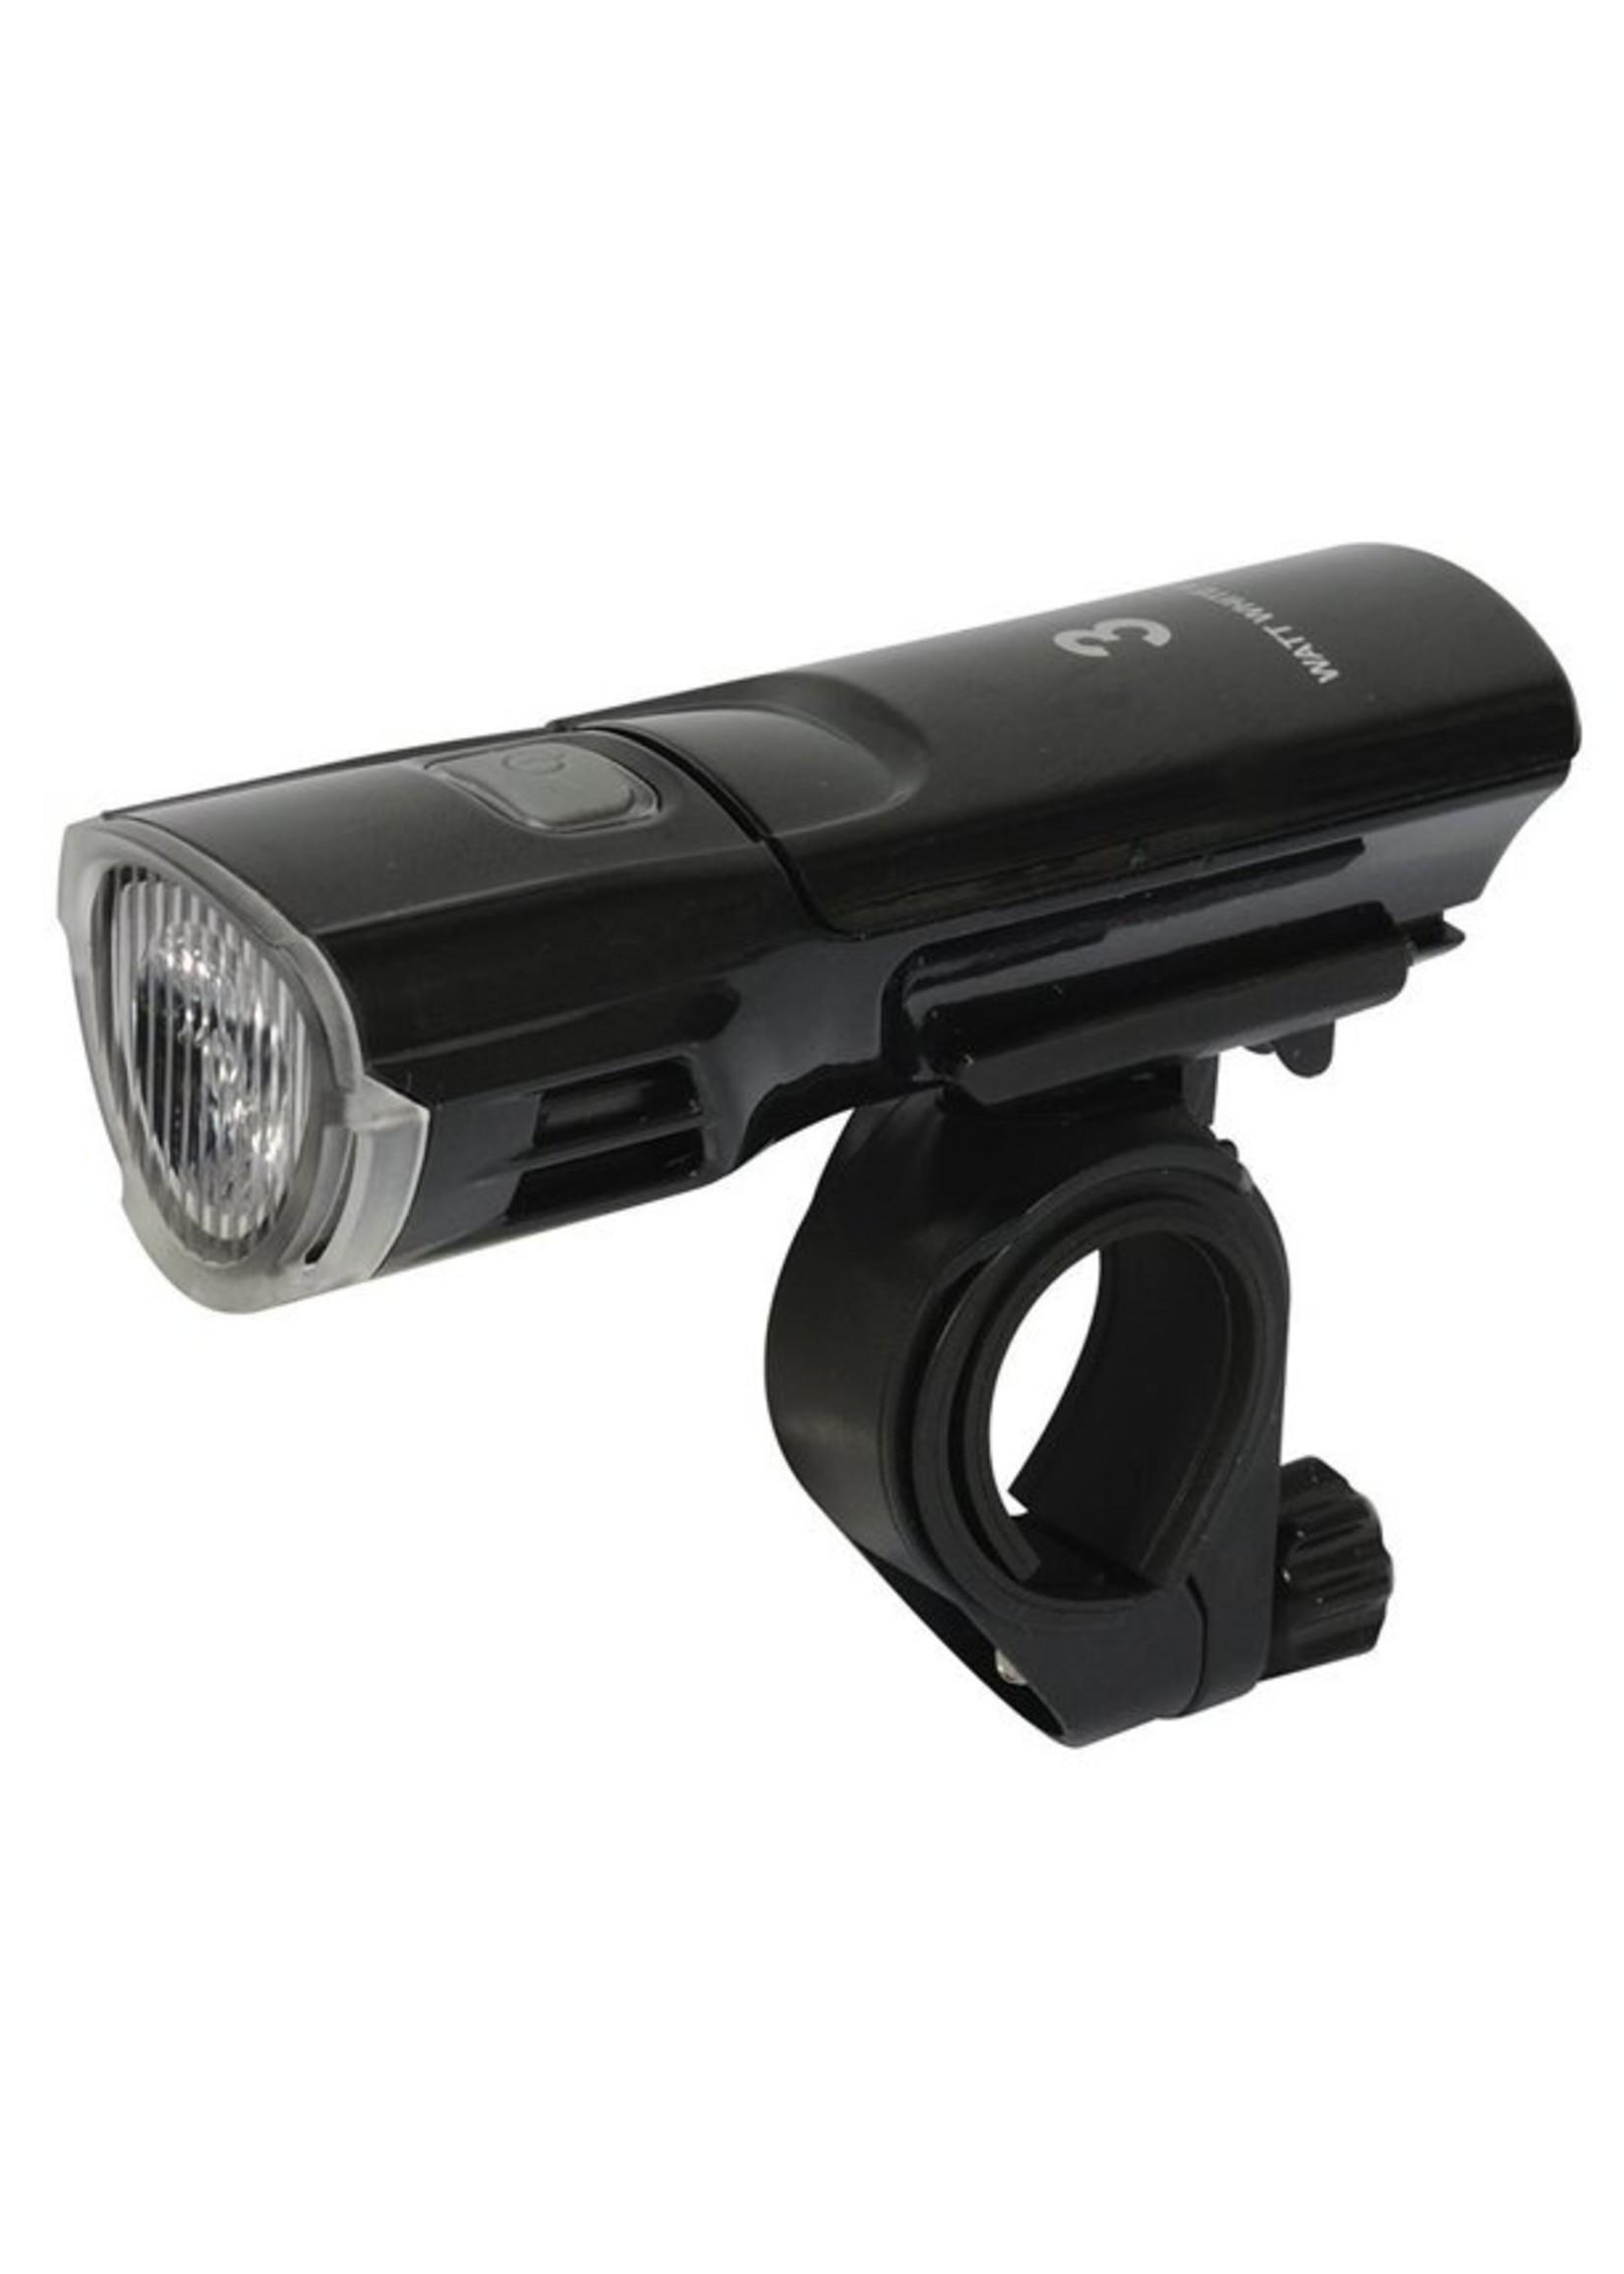 EVO E-TEC HL3W FRONT LIGHT